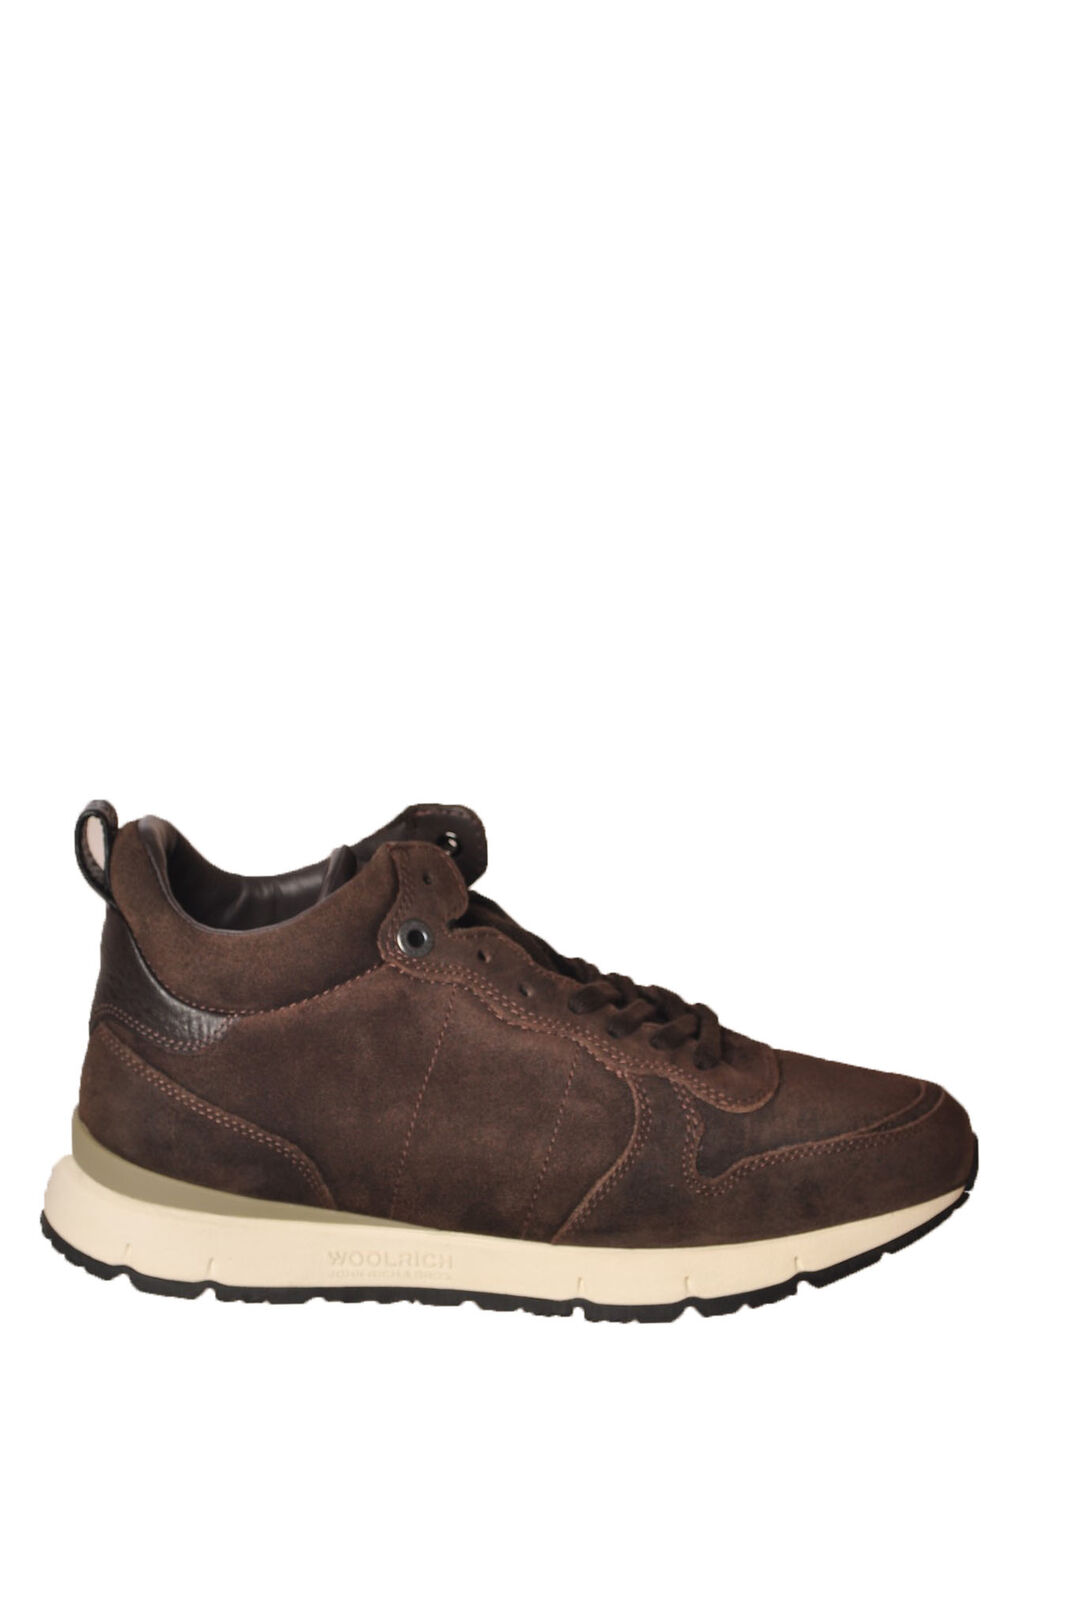 Woolrich - Scarpe-Scarpe - Man - marrone - 4427504M184704